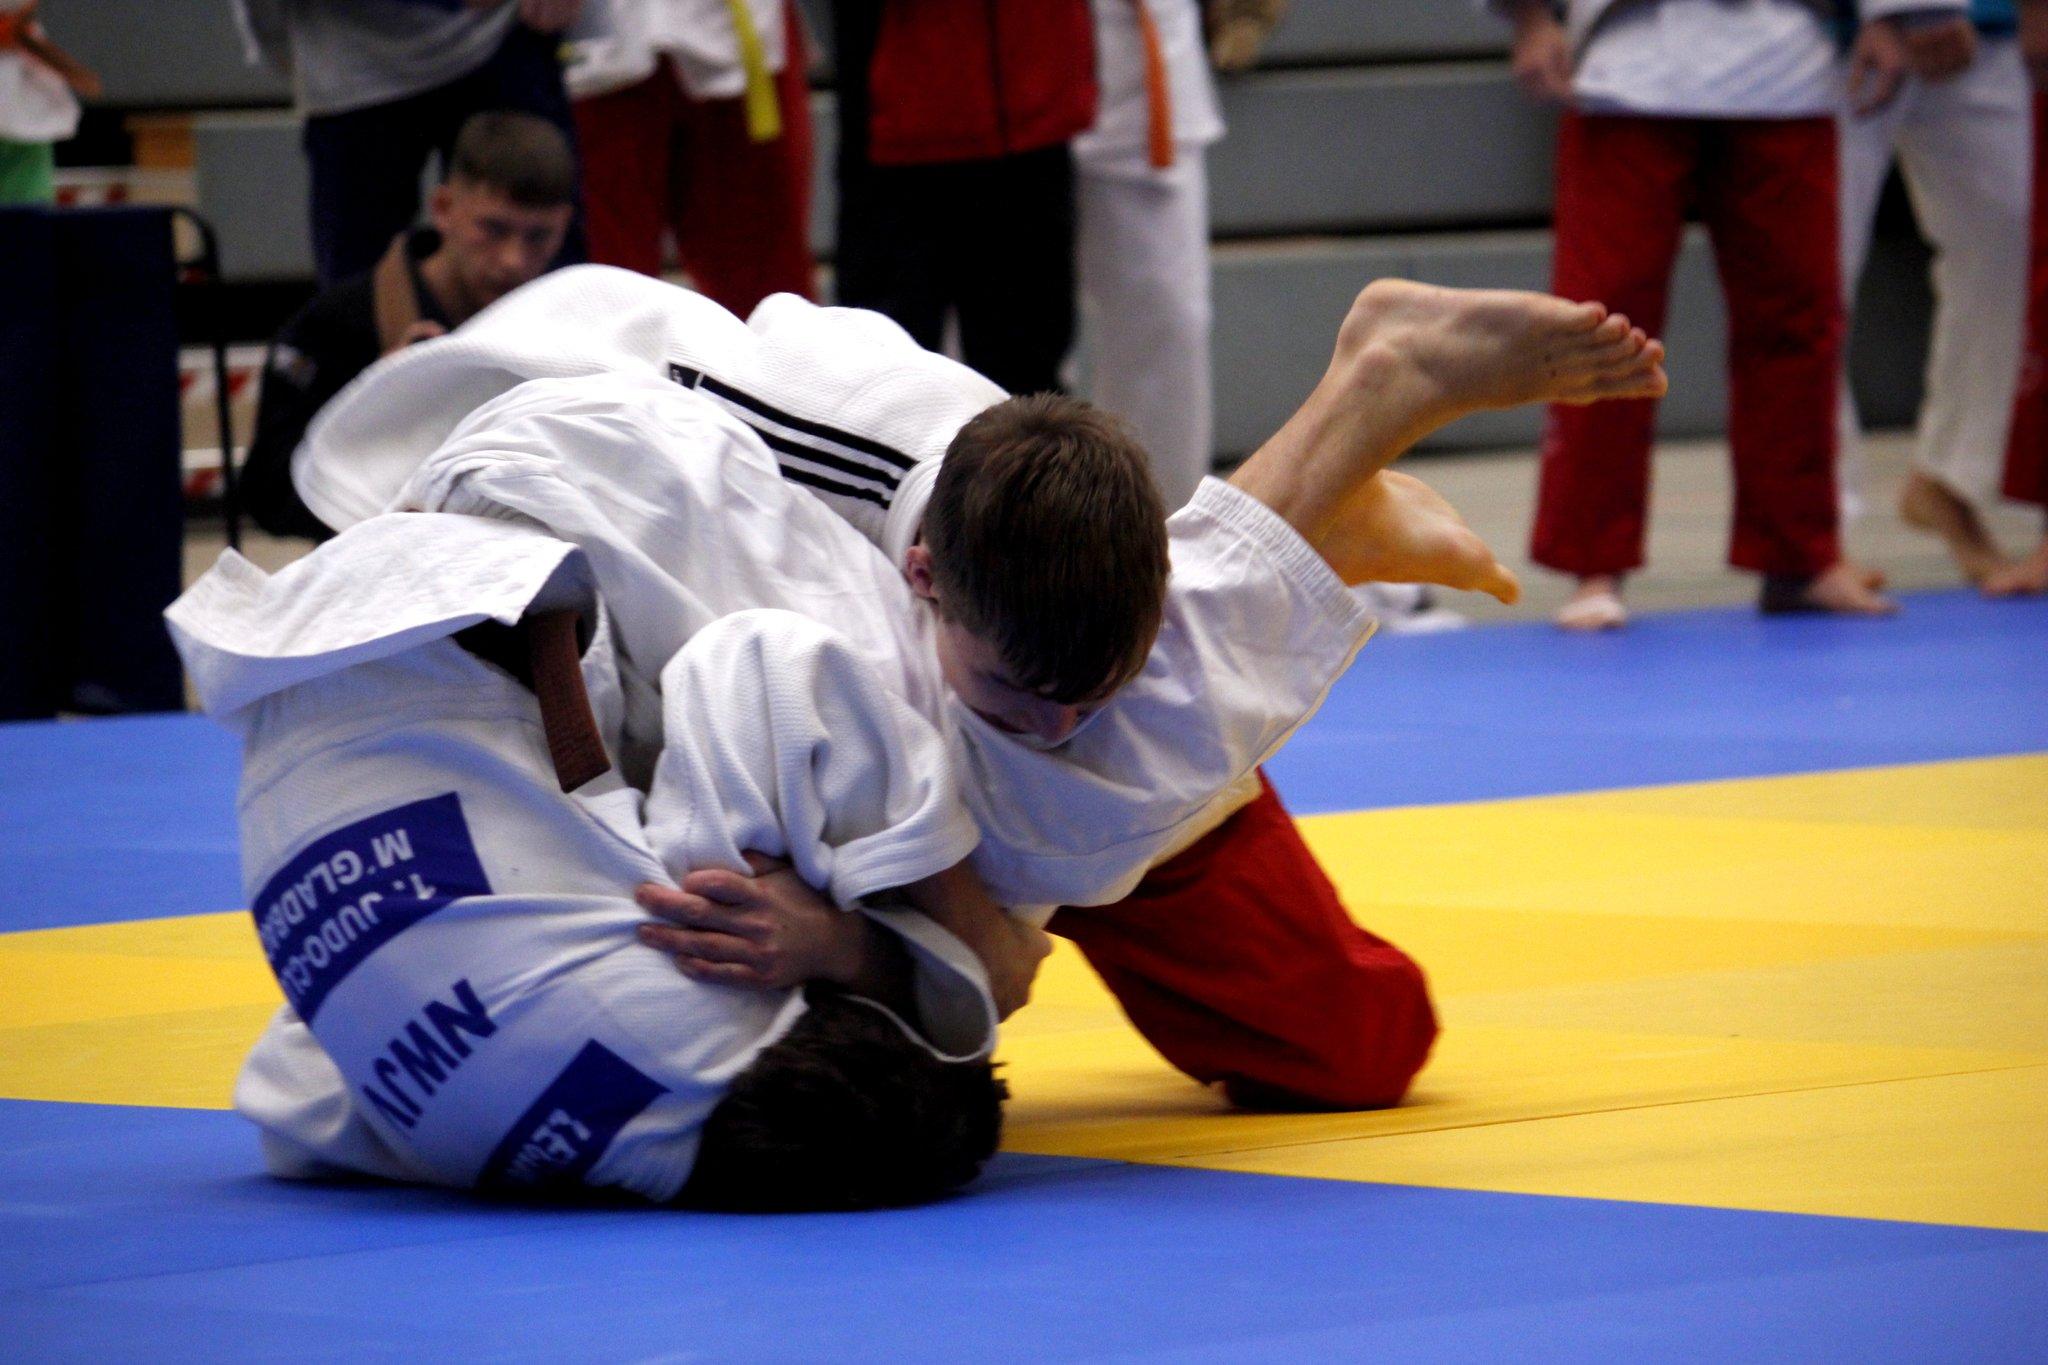 Judo- der sanfte Weg: Bottrop 2. Platz Frauen - 1. Platz Männer - Bottrop - Lokalkompass.de